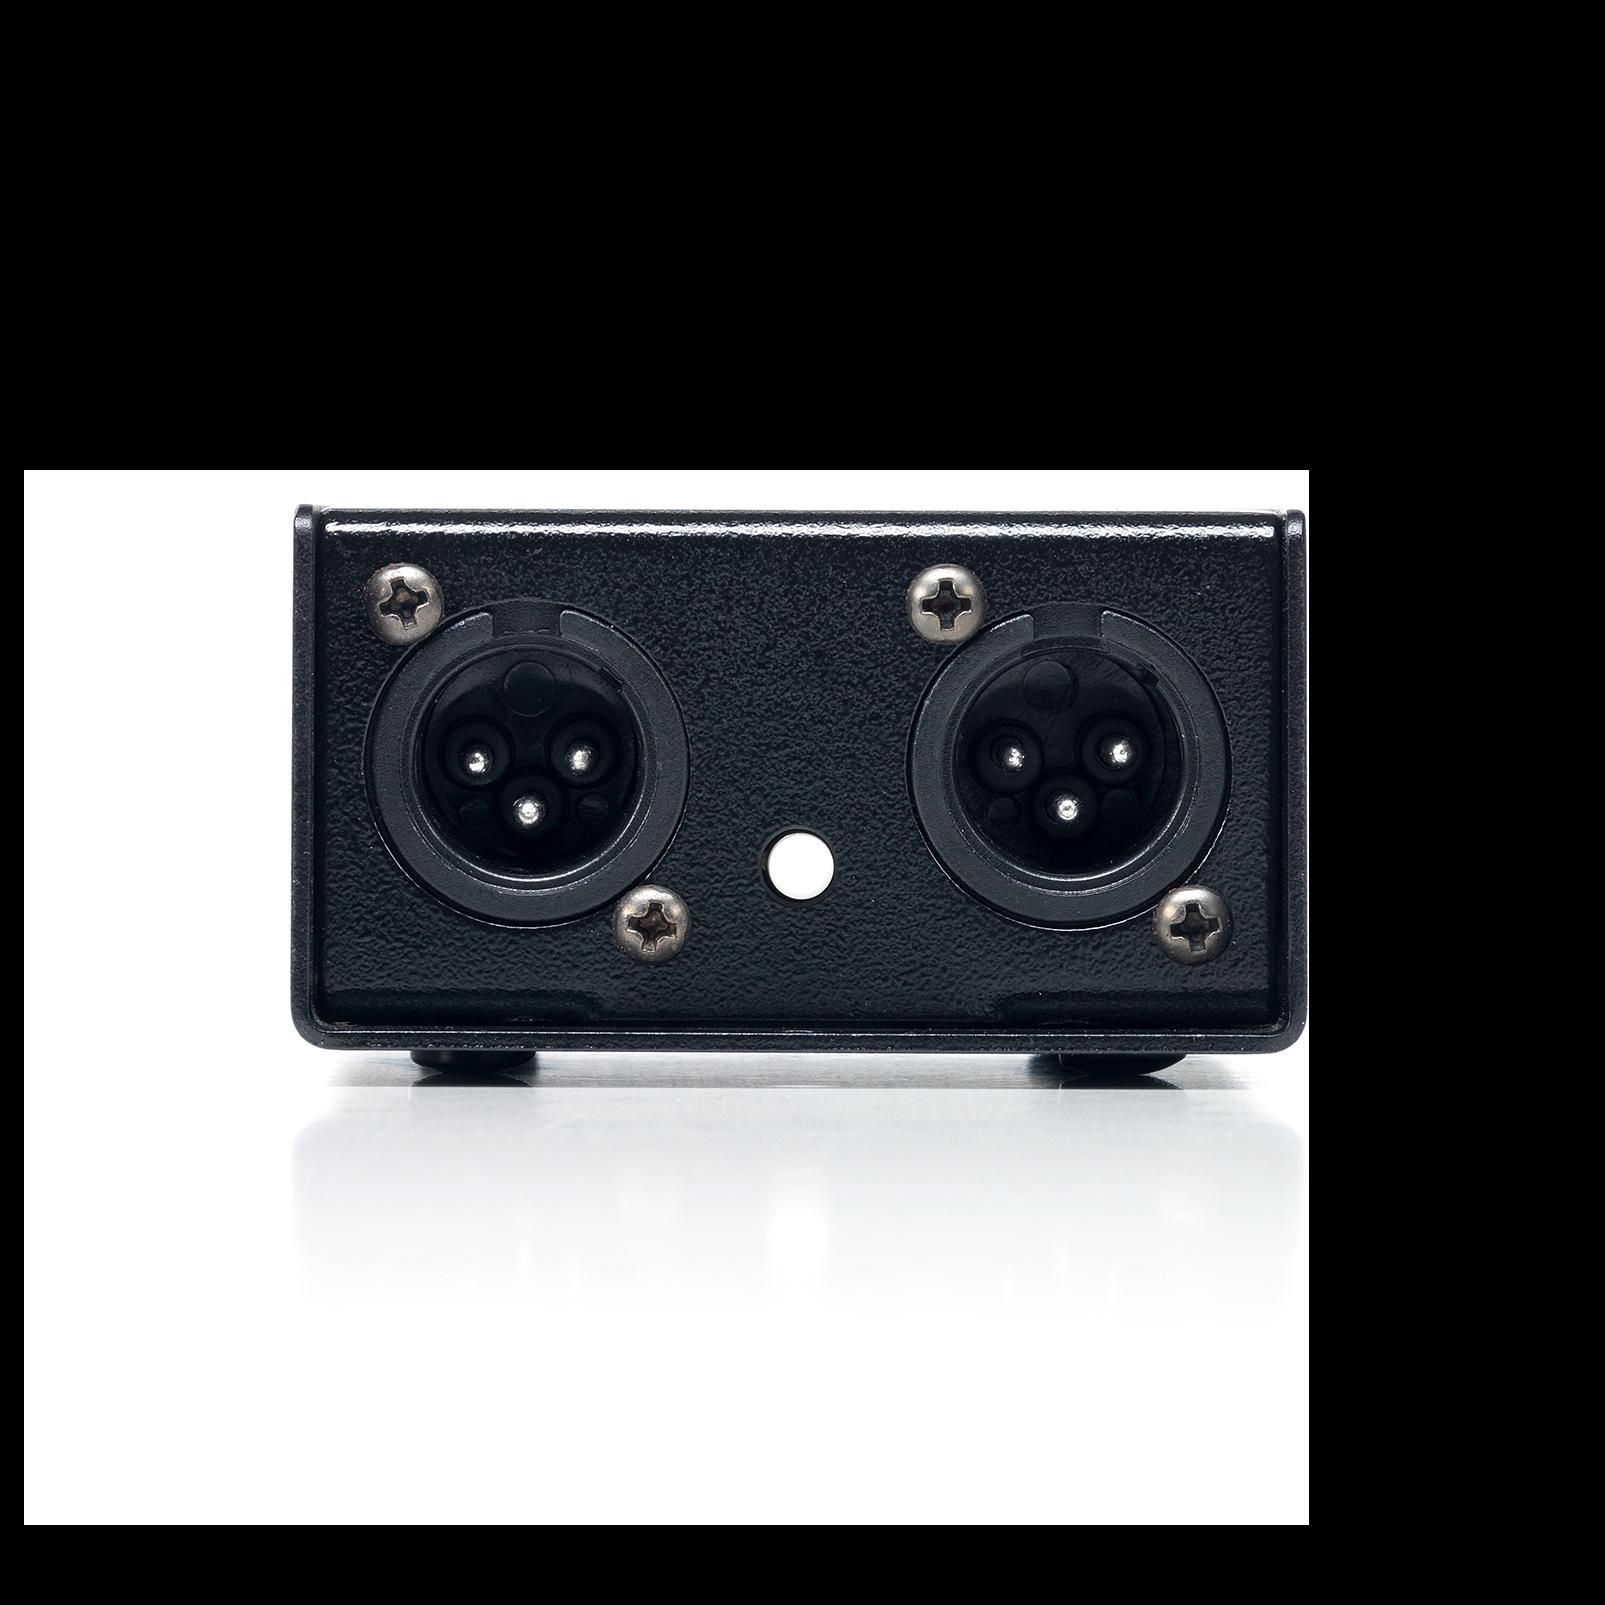 DJdi - Black - 2-channel Passive Direct Box - Front